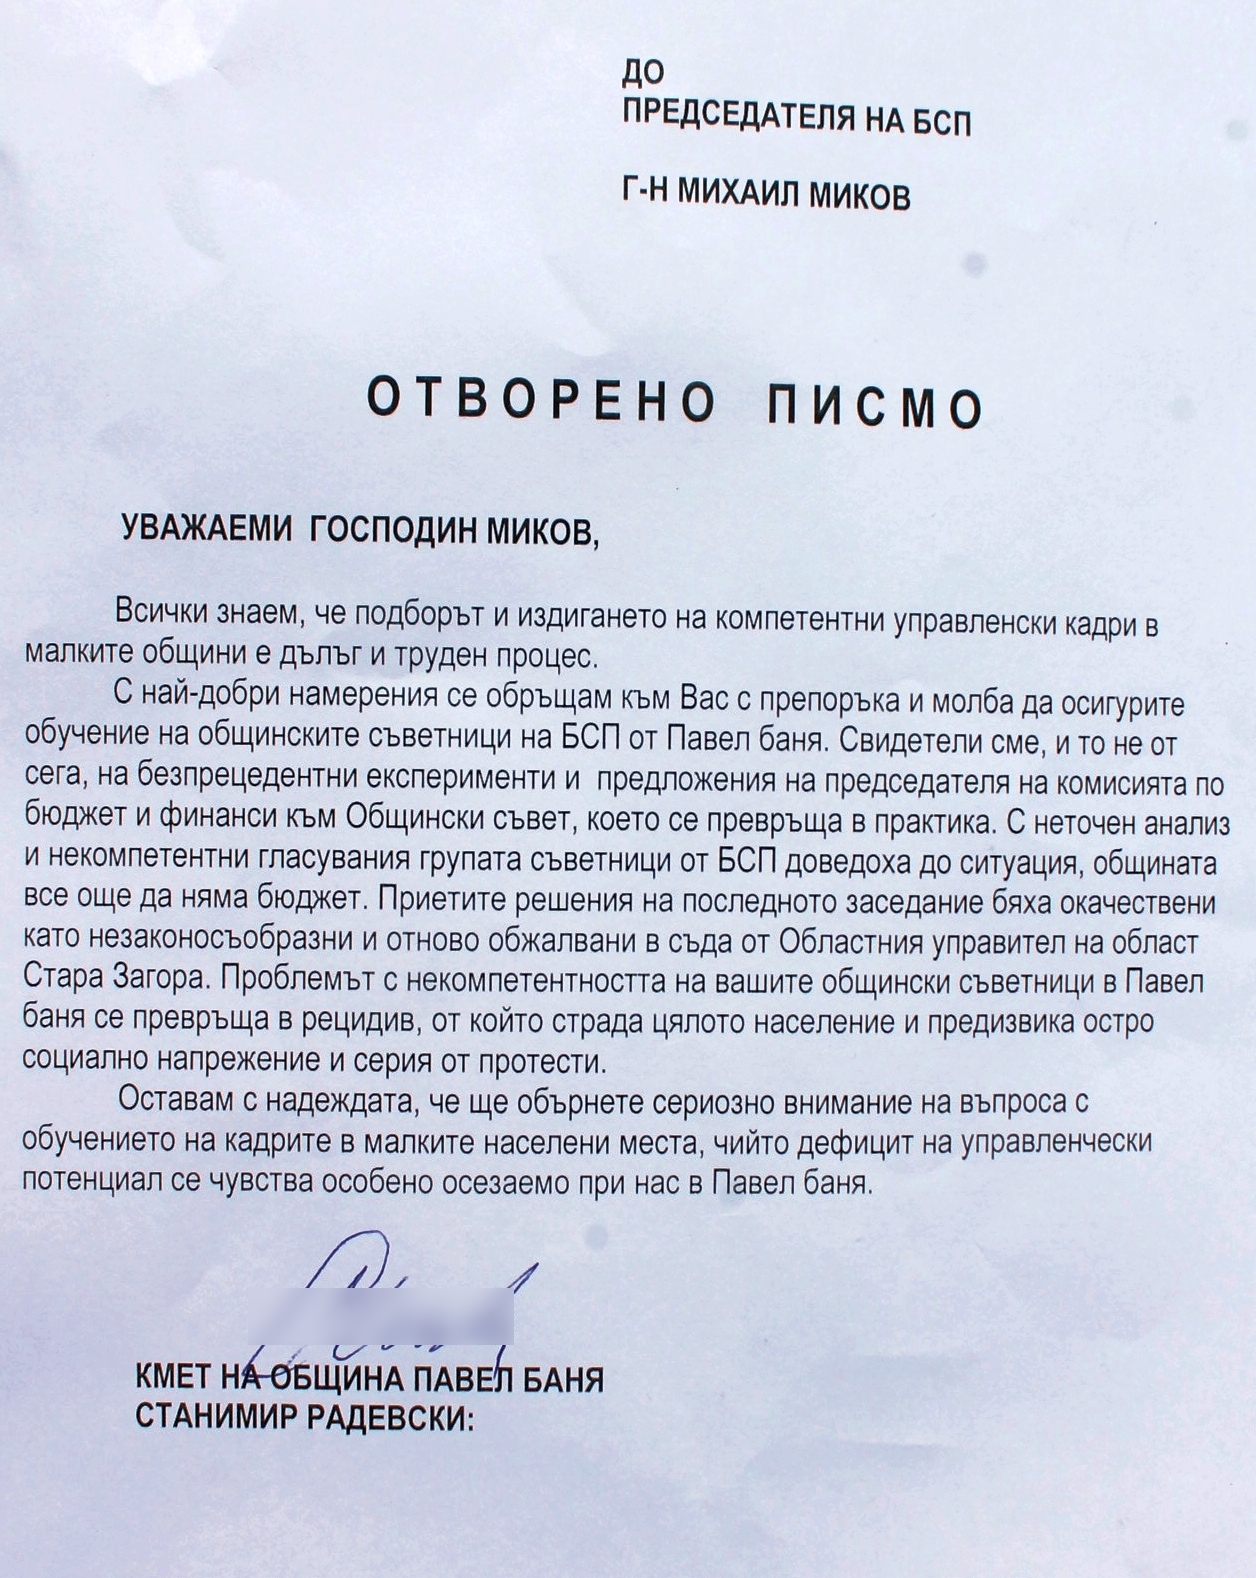 Кметът на Павел баня с писмо до Михаил Миков Публикувано в Pavelbanya.eu